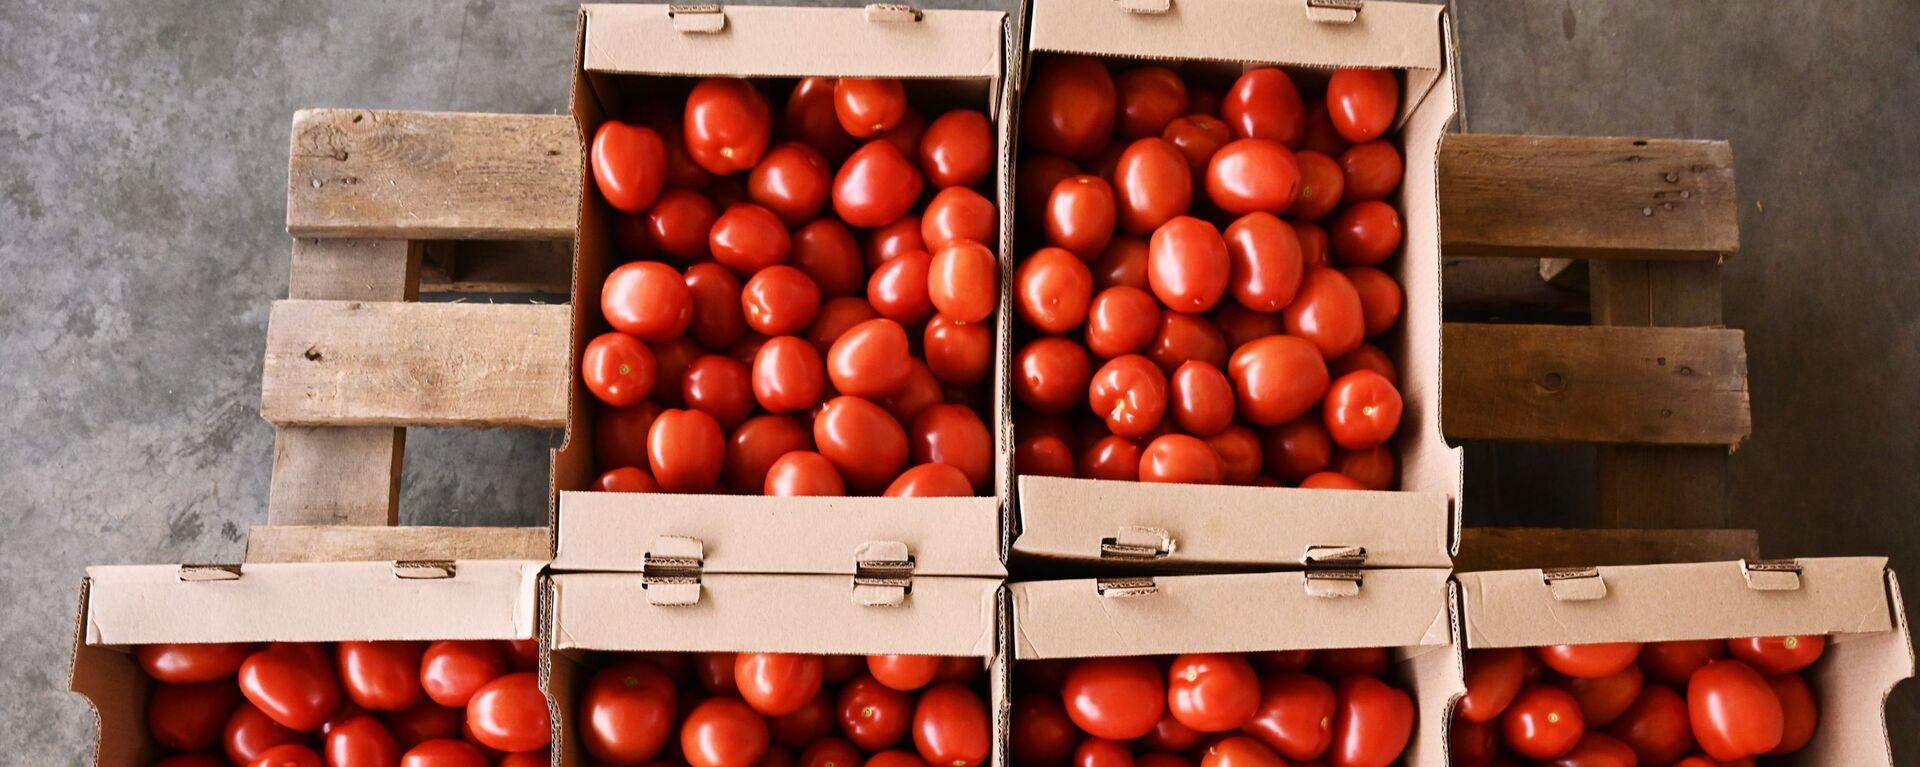 Урожай томатов, фото из архива - Sputnik Азербайджан, 1920, 13.09.2021